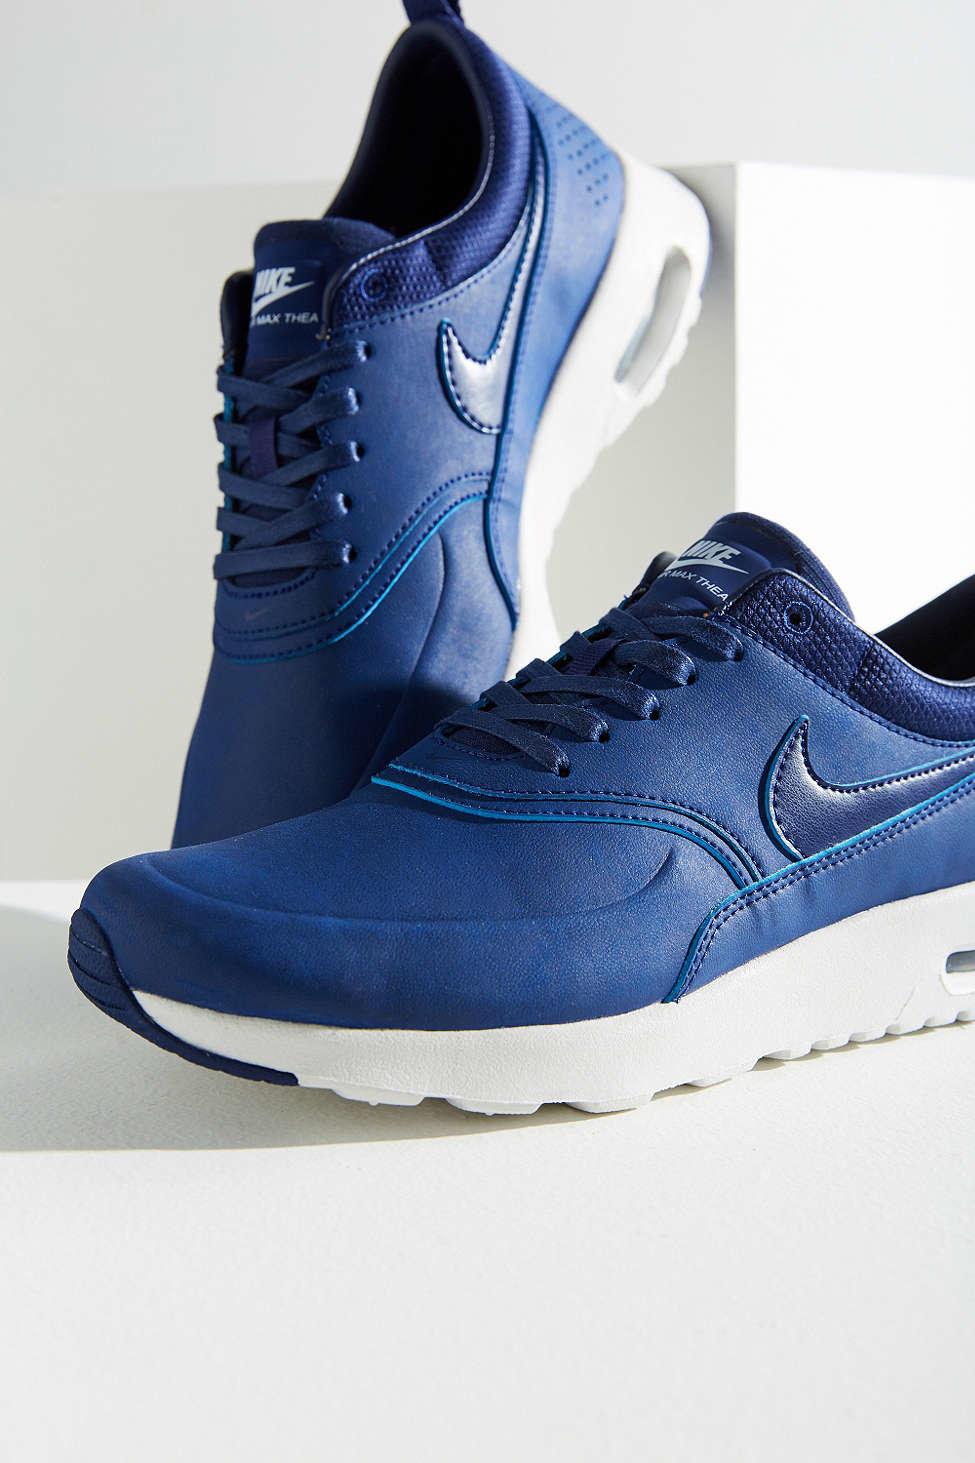 Air Max Thea Premium Sneaker